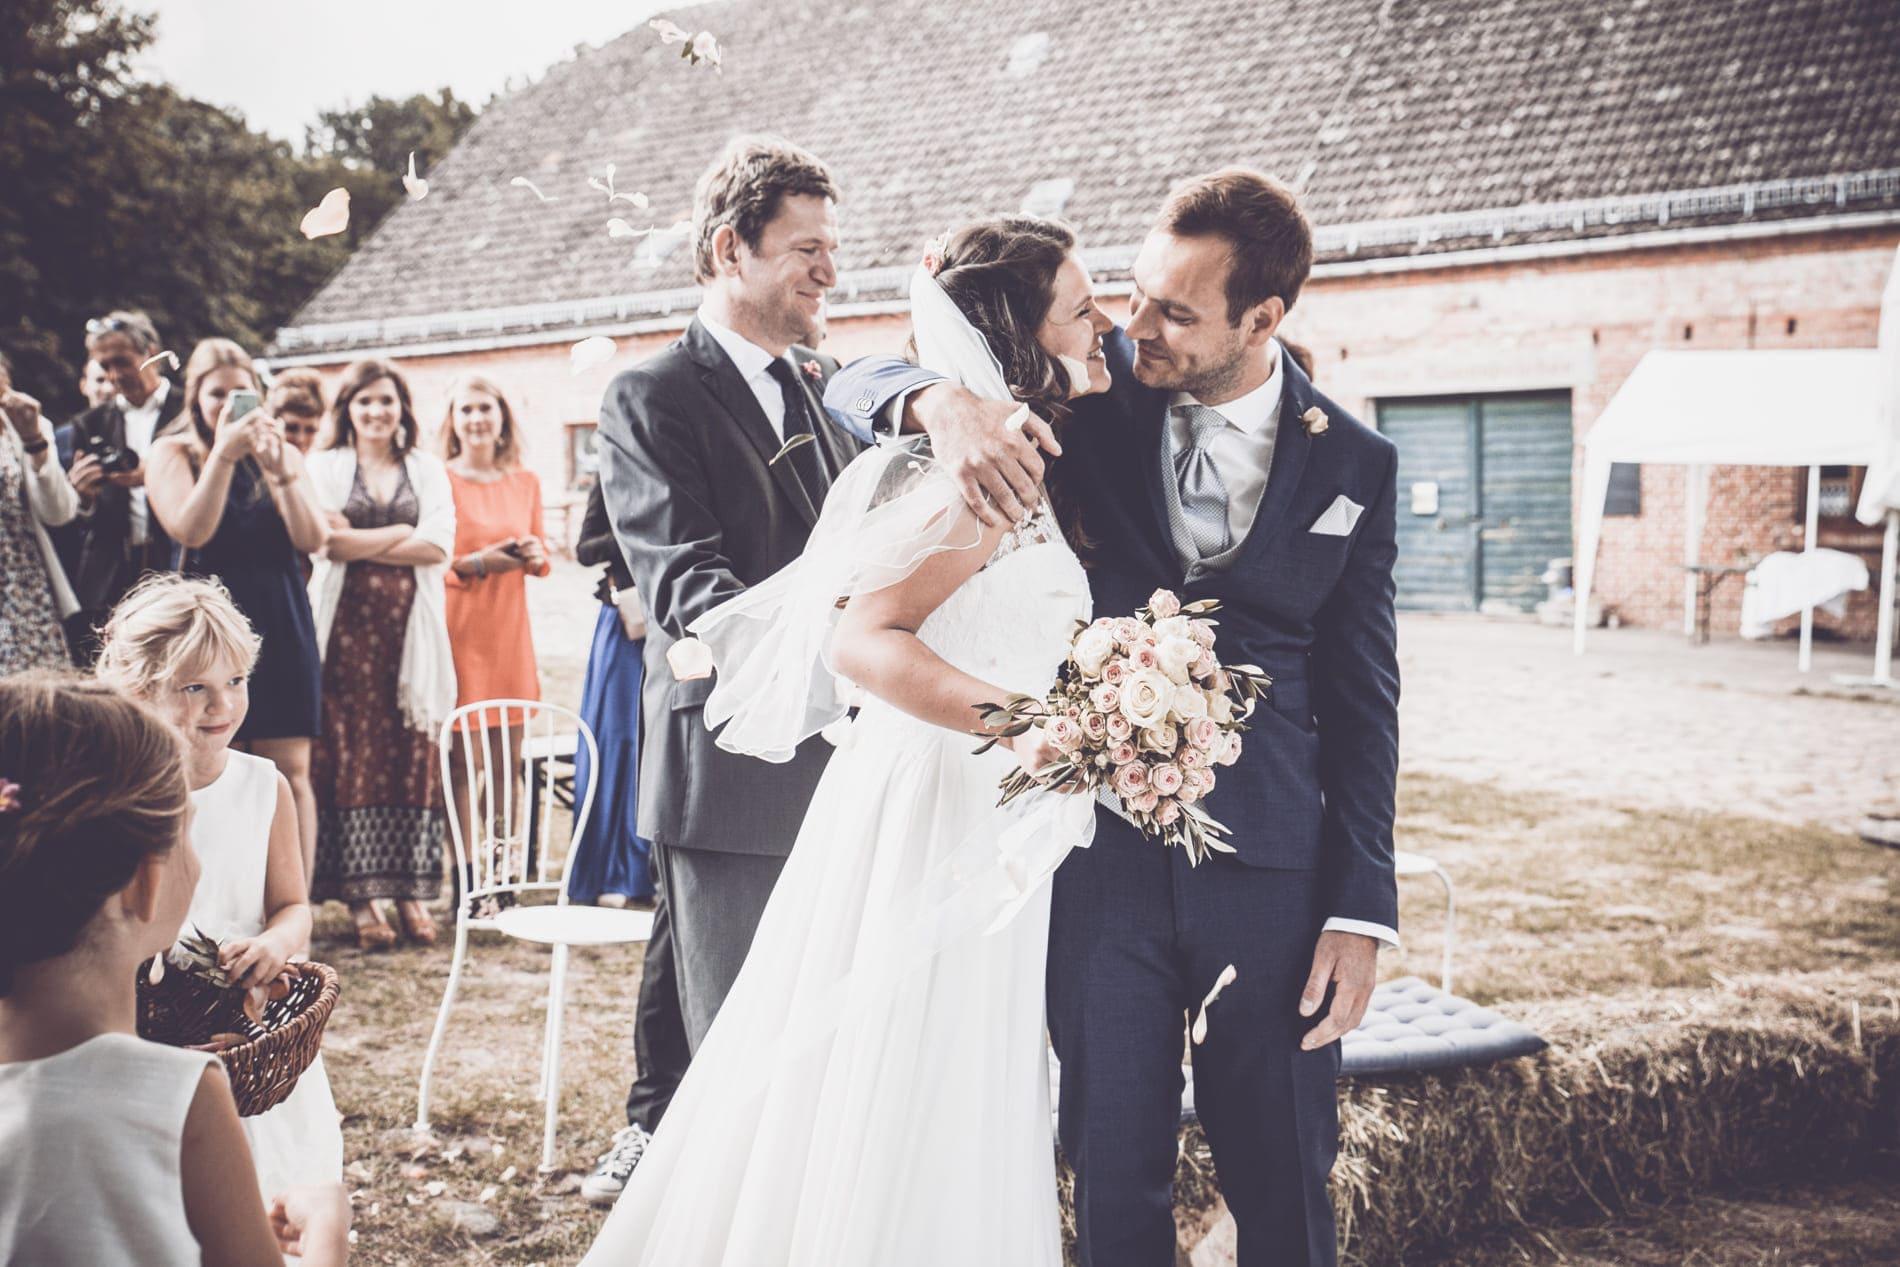 hochzeitsfotos machen lassen hochzeitsshooting fotografin berlin brandenburg Berliner Hochzeitsfotograf Hochzeitsreportagen hochzeitsfotografin